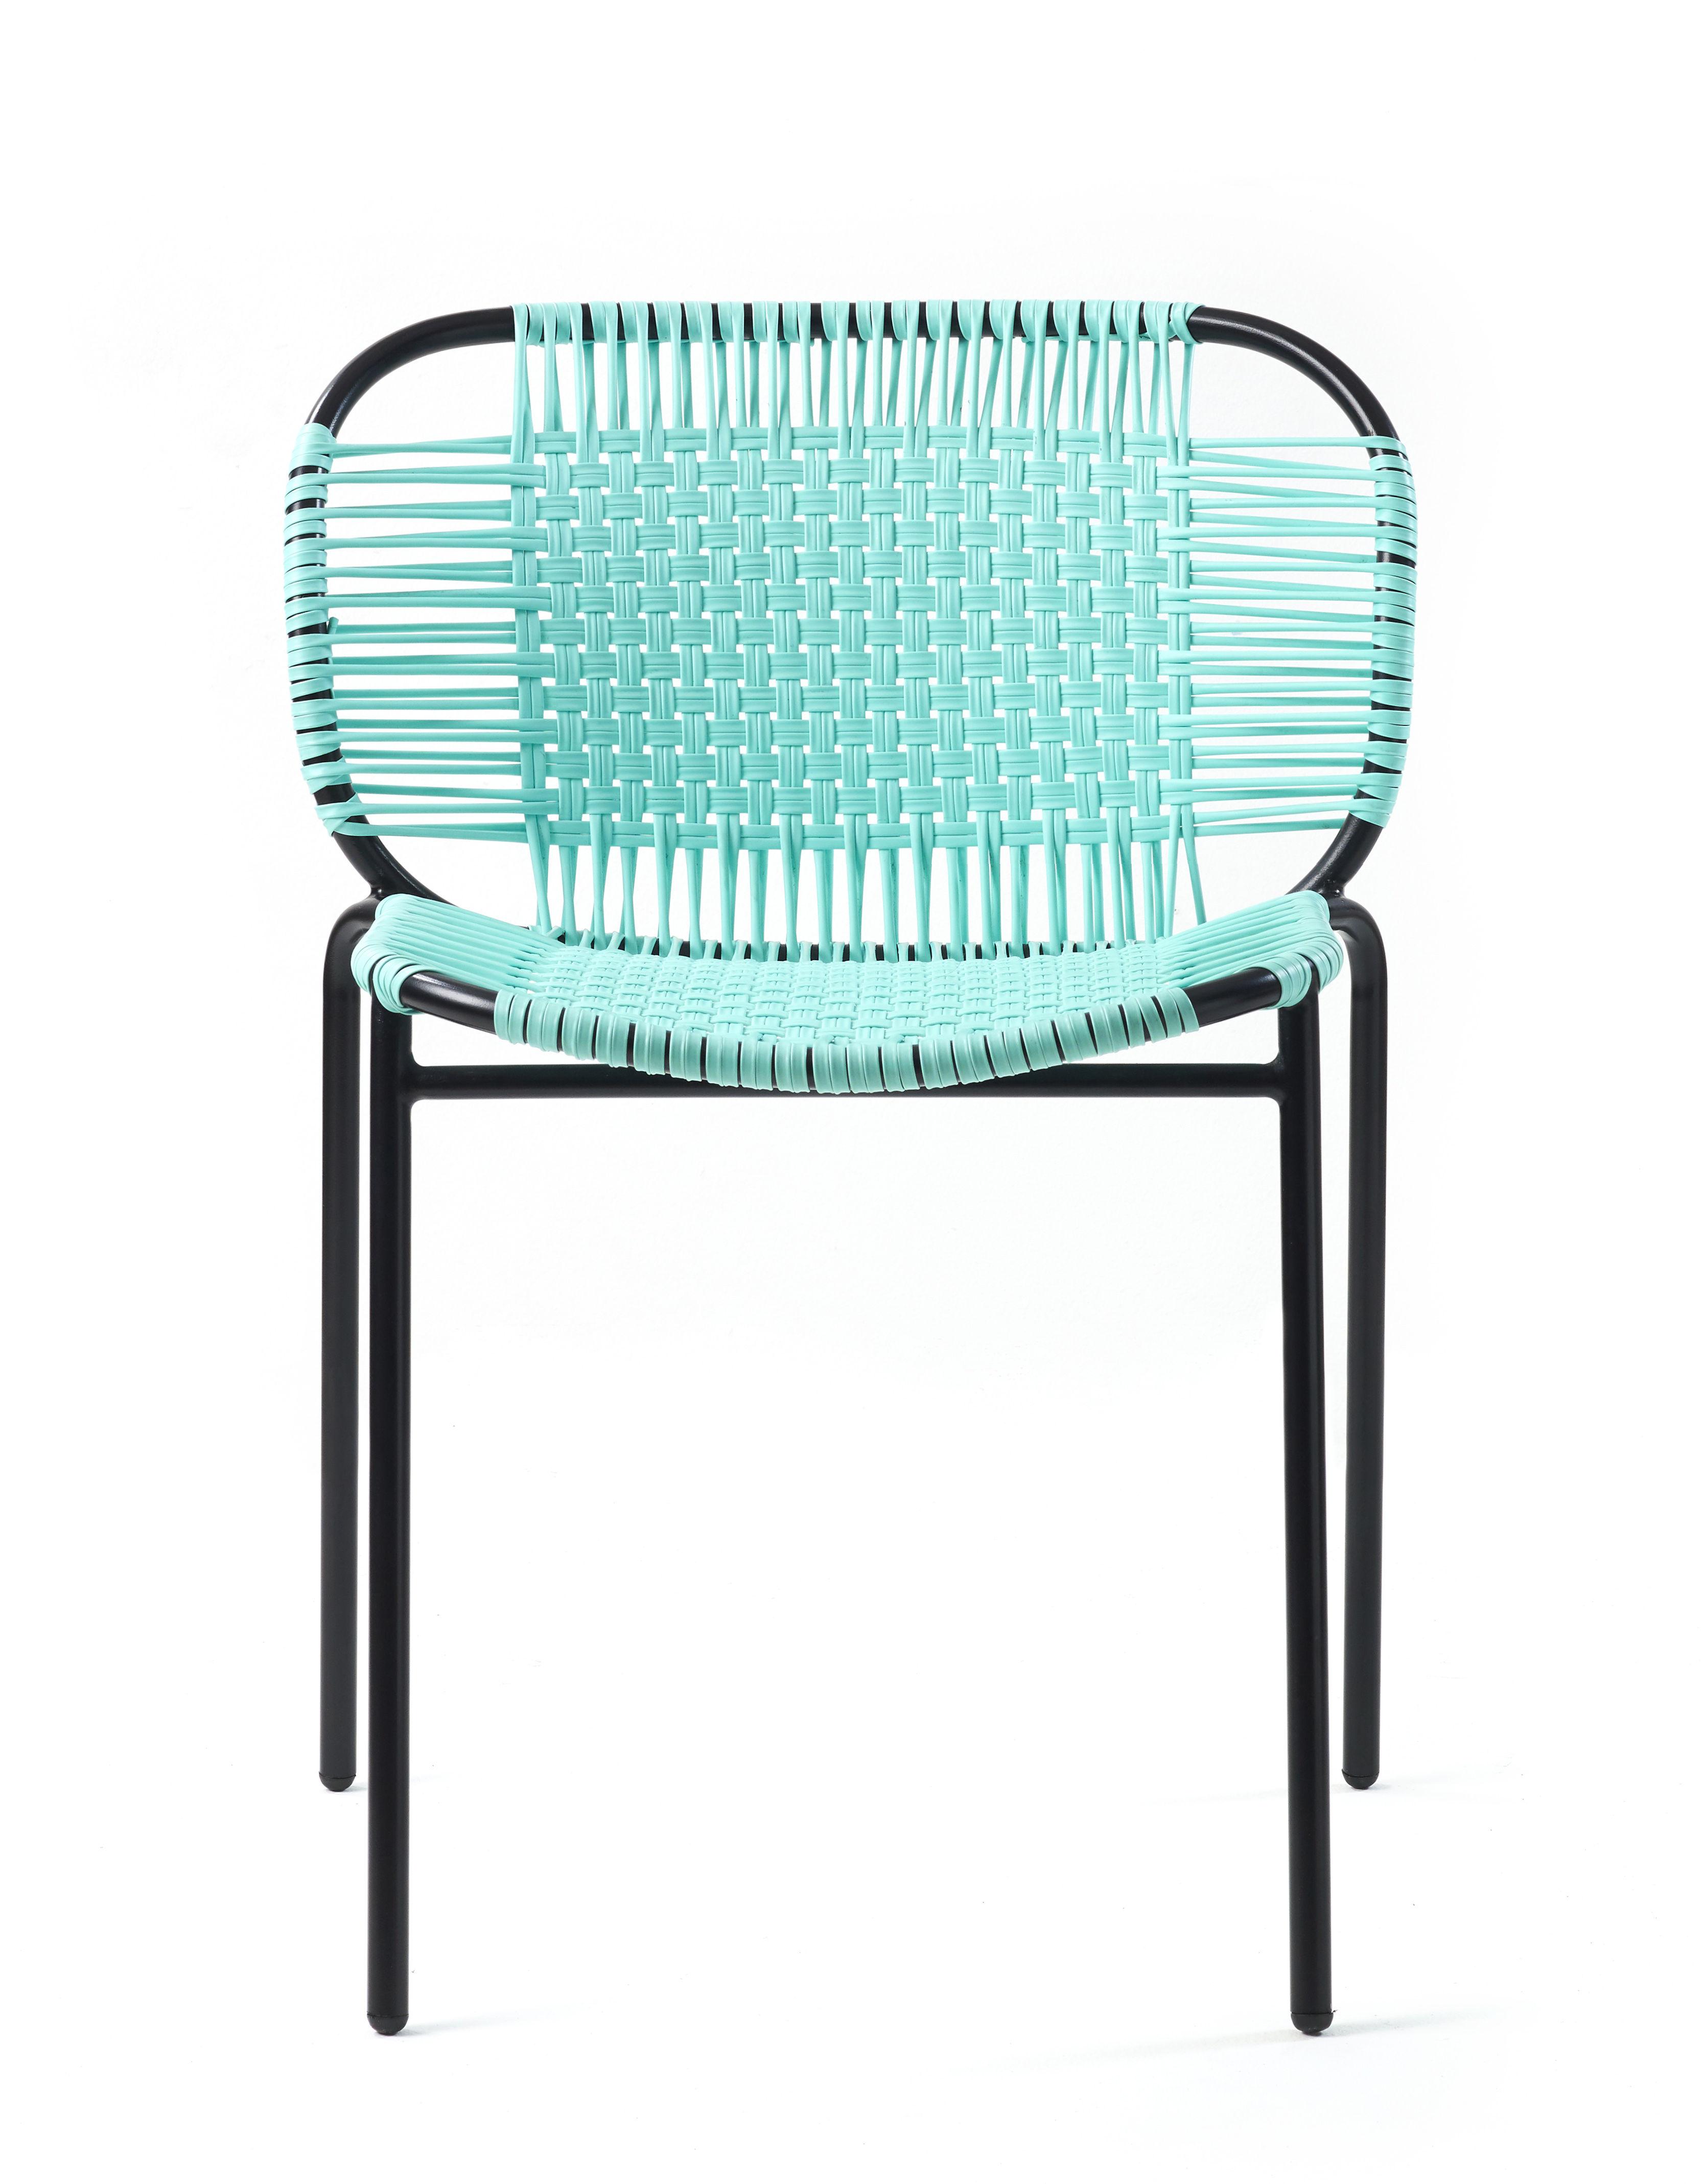 Mobilier - Chaises, fauteuils de salle à manger - Chaise empilable Cielo / Fils PVC - ames - Menthe / Structure noire - Acier laqué, Fils en PVC recyclé